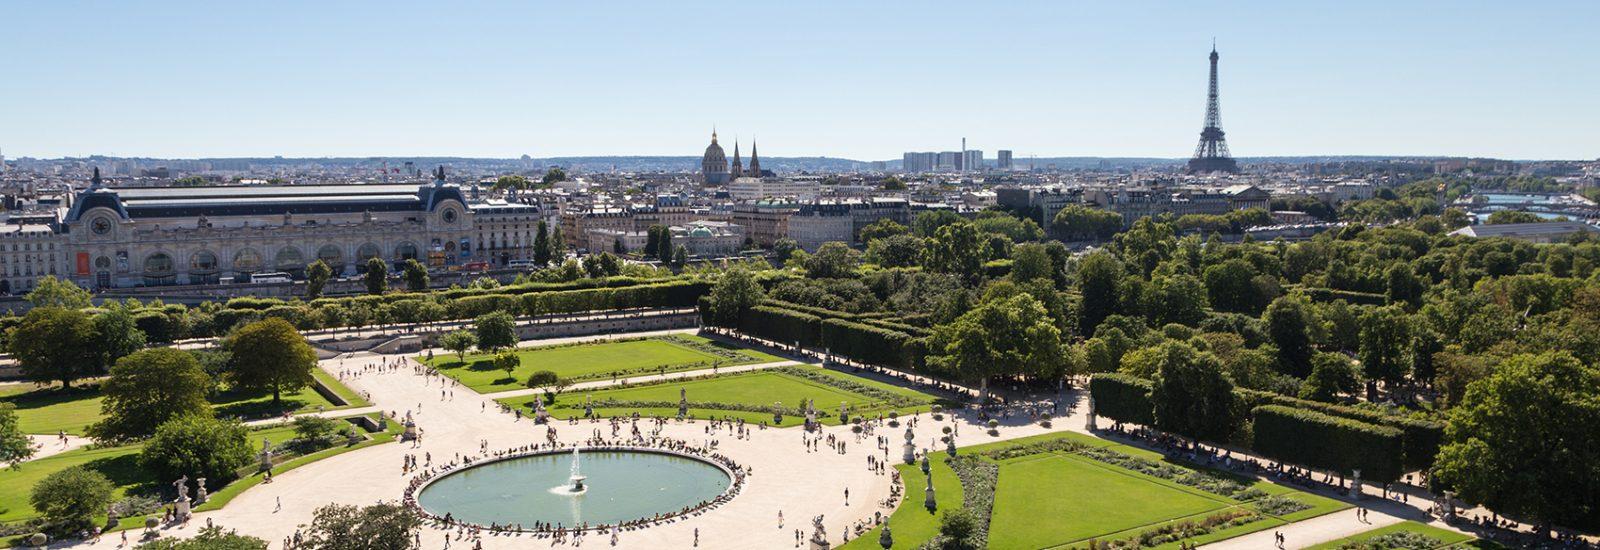 Tuileries Paris cityscape